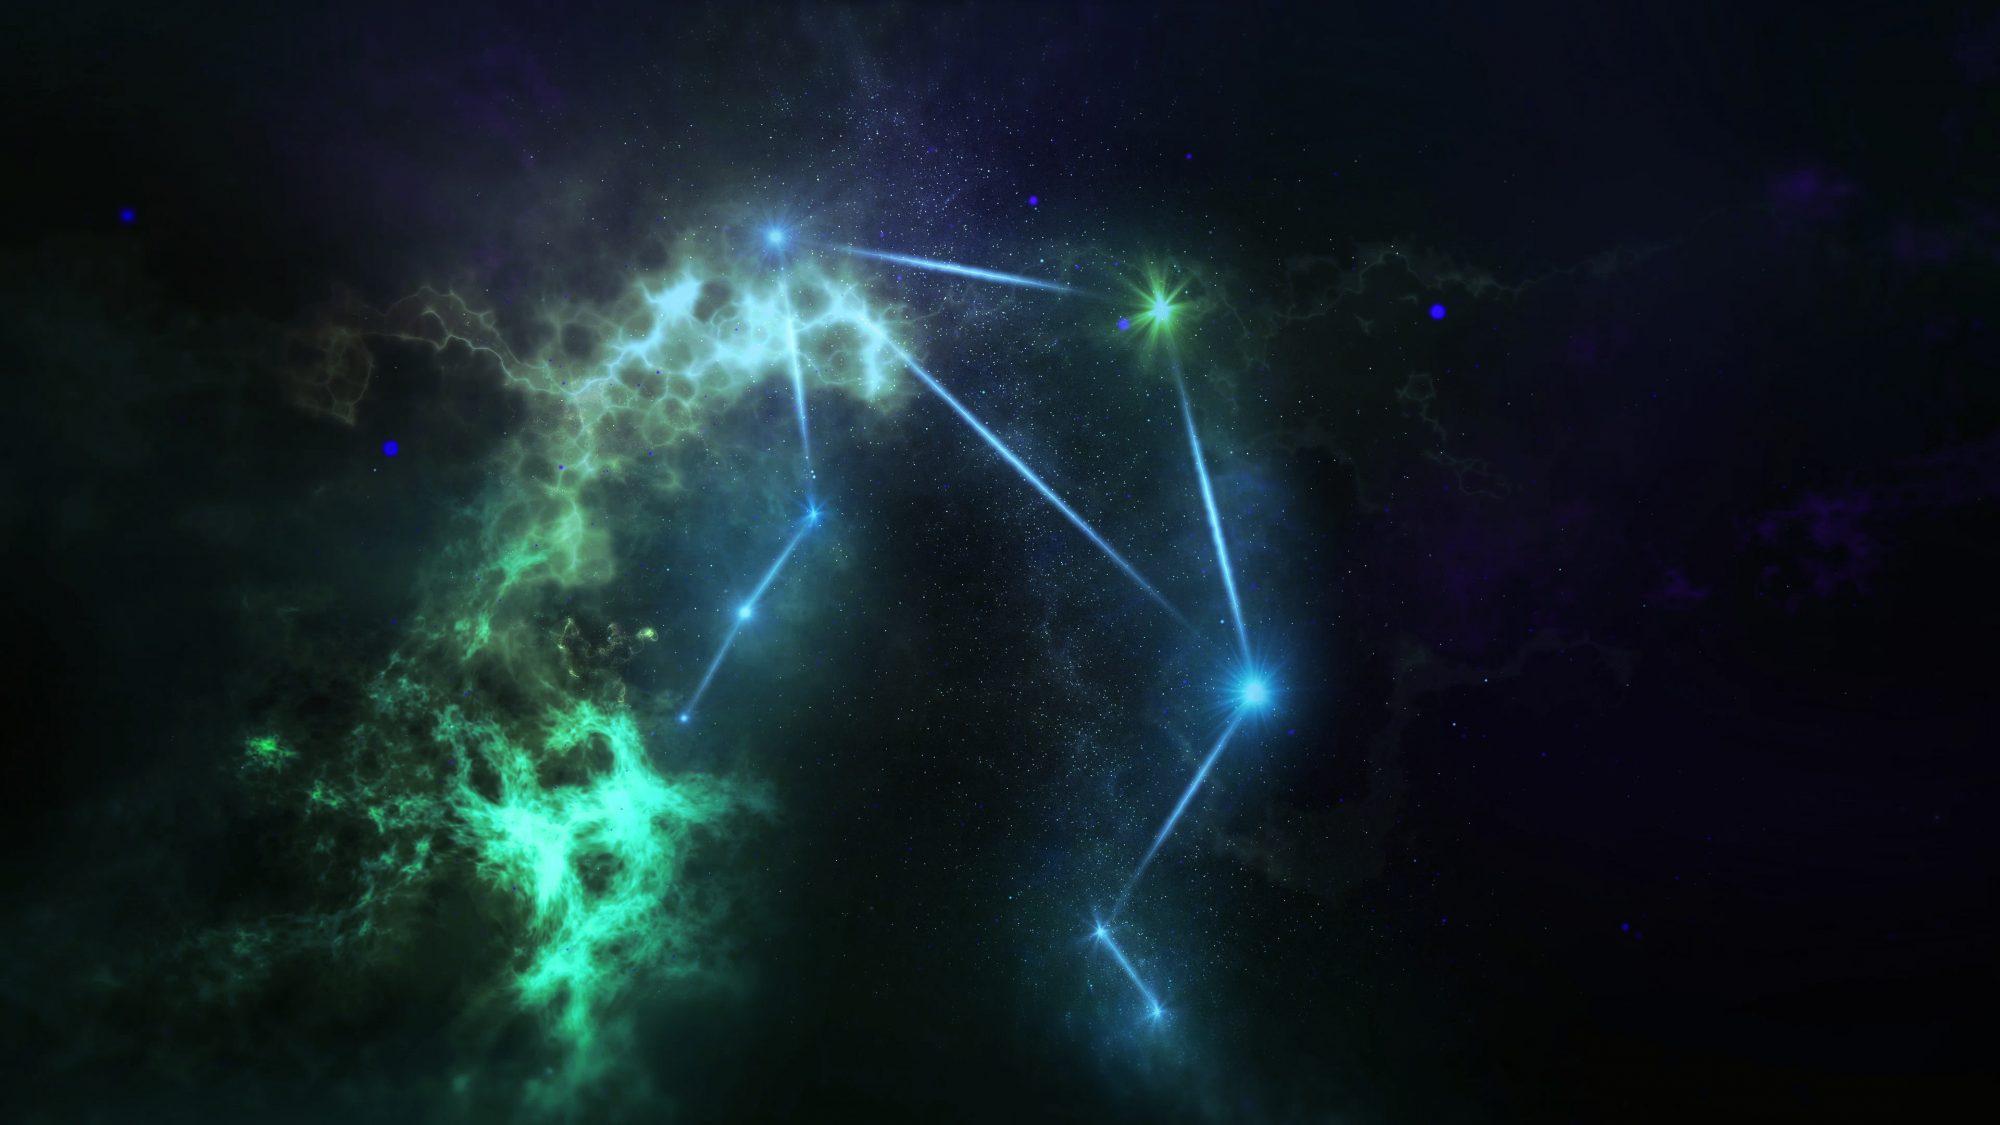 страницах созвездие водолея картинки фото грим, необычные головные